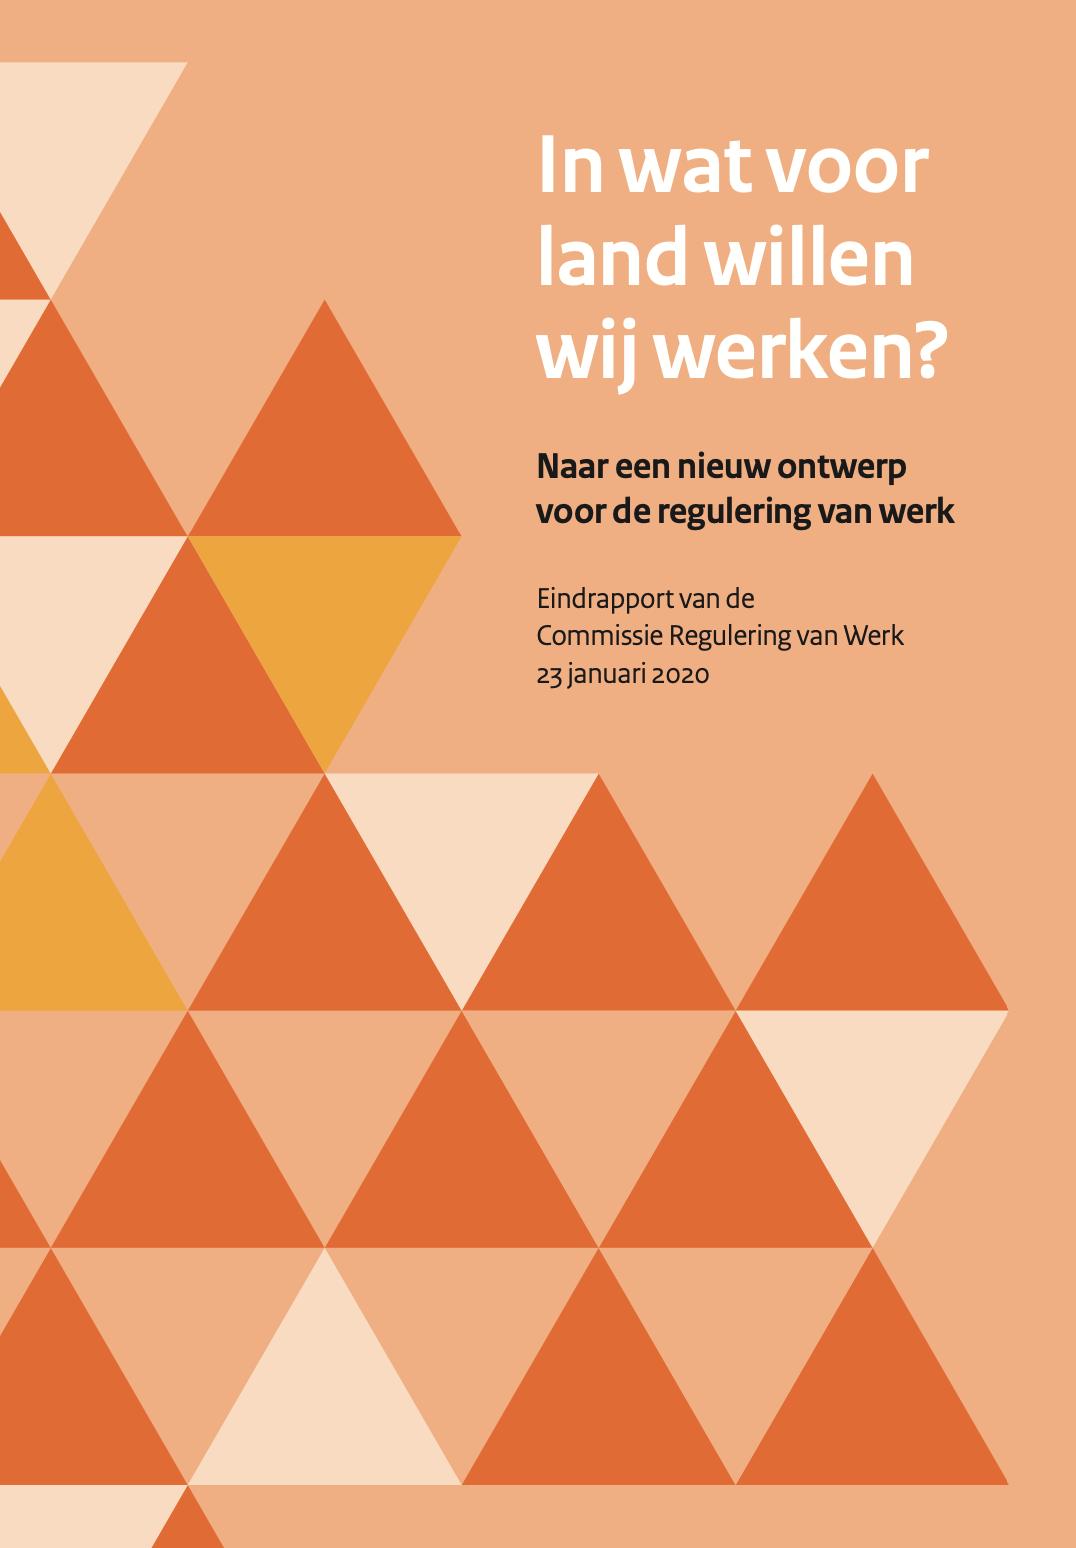 In wat voor land willen we werken - Eindrapport Commissie Regulering van Werk